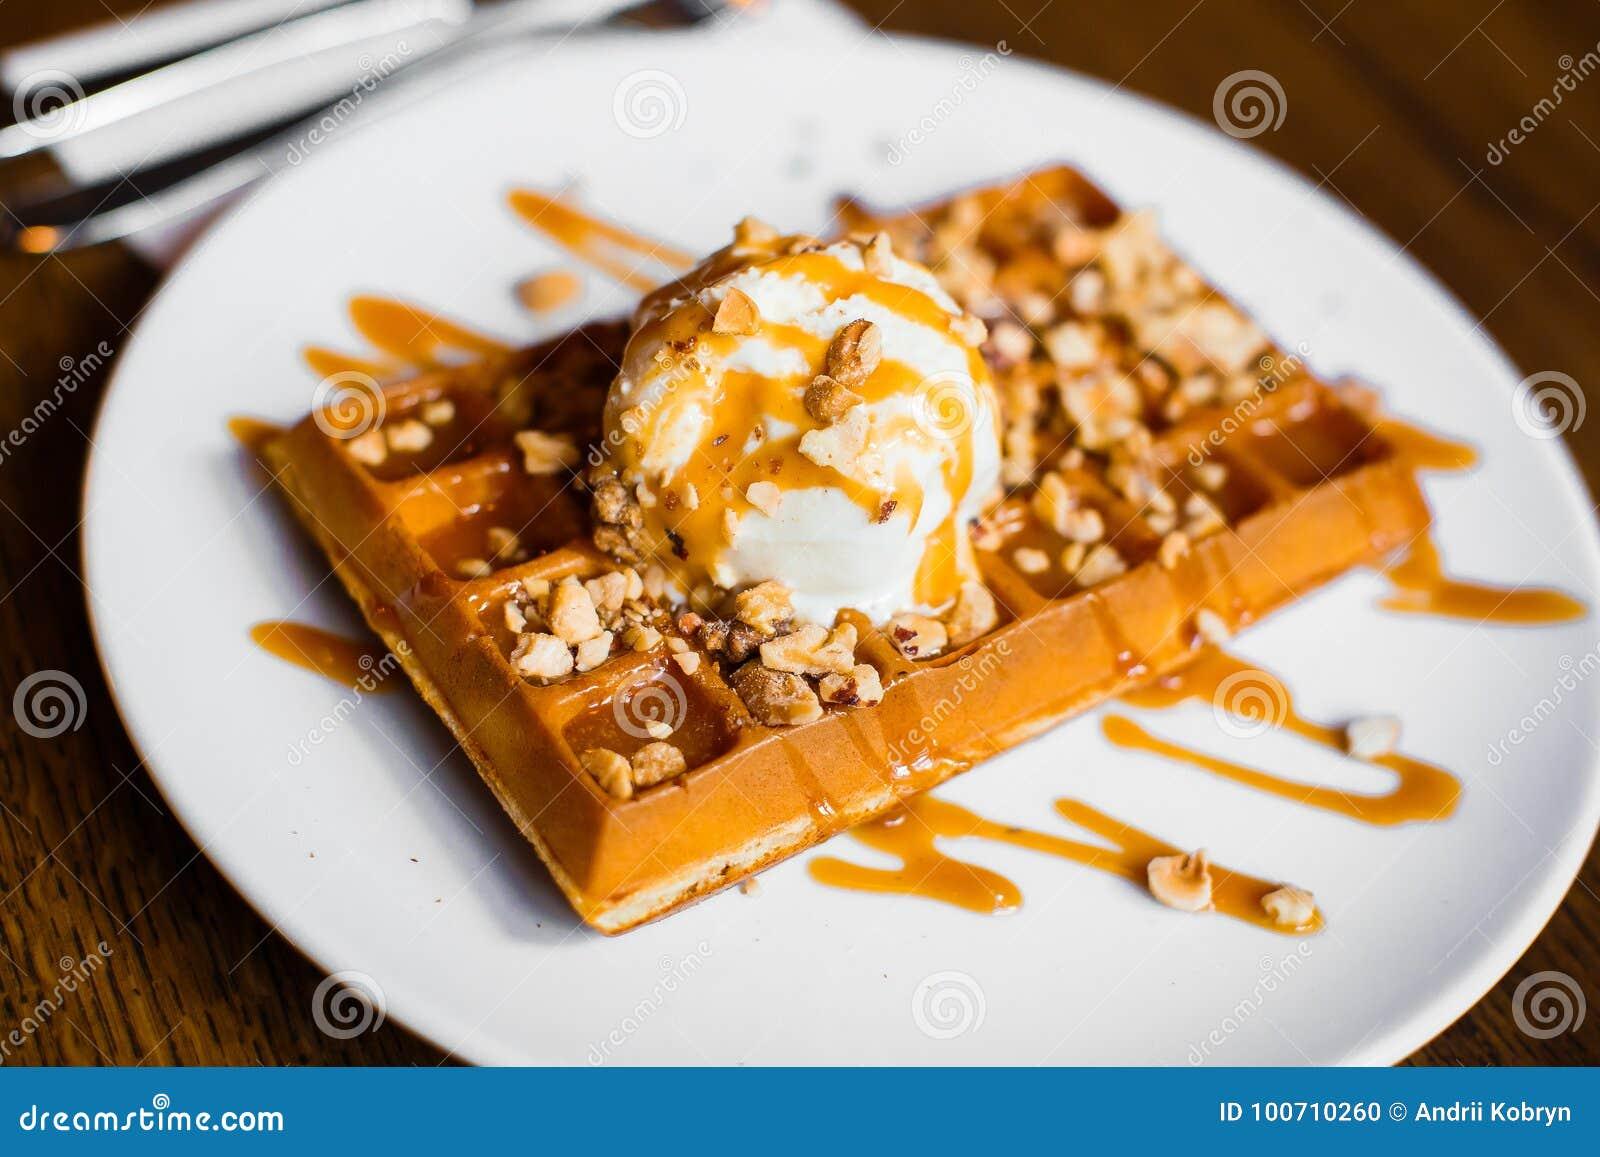 Heerlijke zoete Belgische wafels met smakelijk wit roomijs met karamel en noten Zijclose-upmening